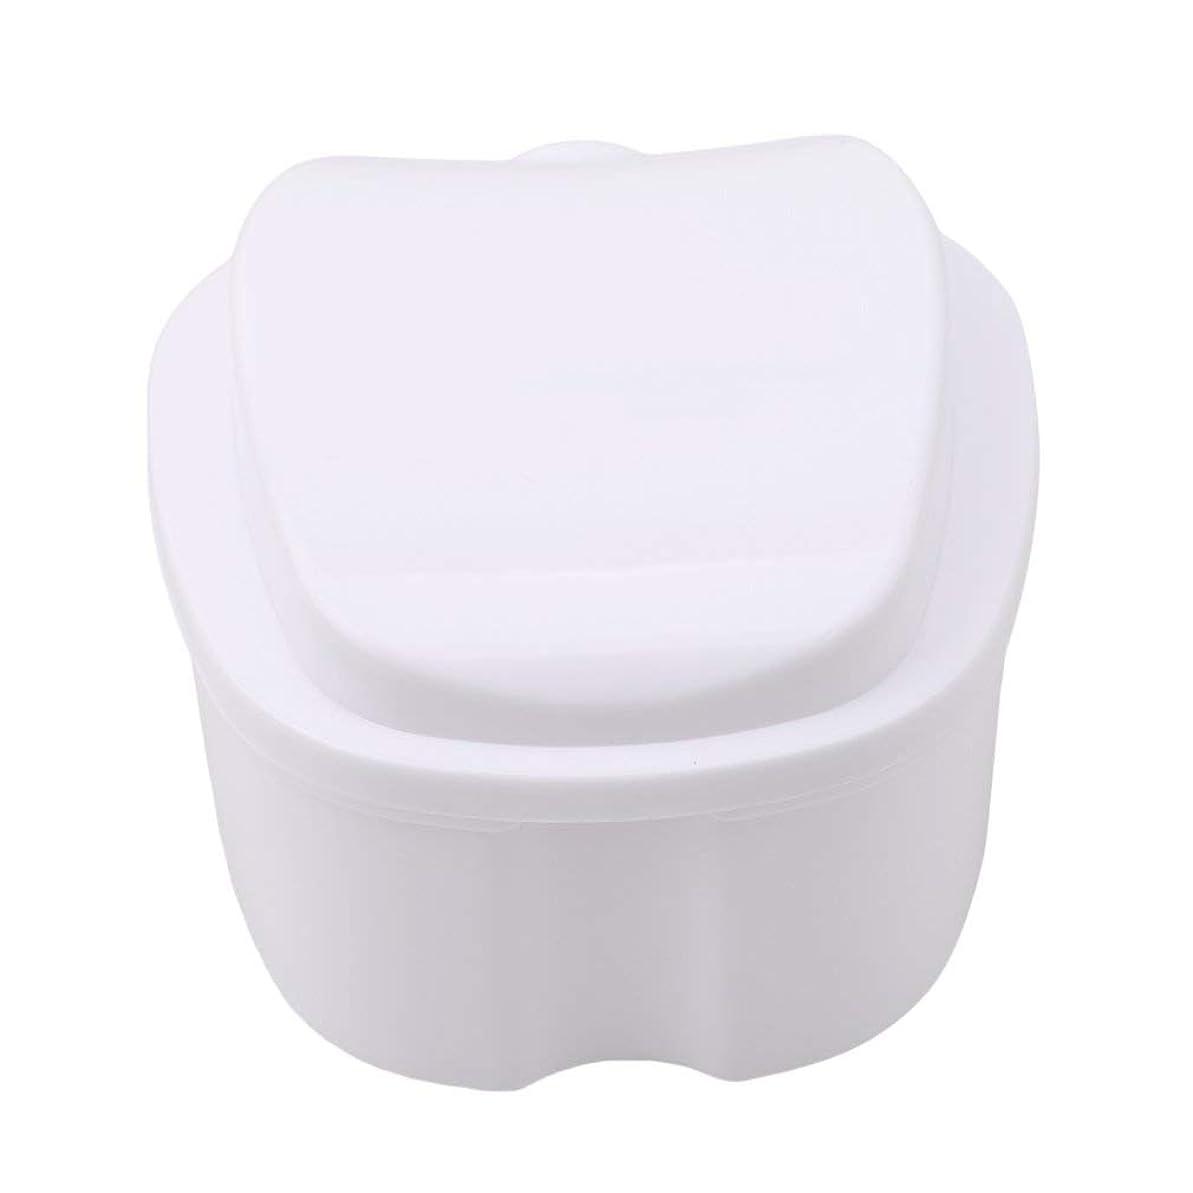 ホバート複数大いにkaiwuyu 収納ボックス 義歯収納用 リテーナーケース りんご柄 ホワイト 安全